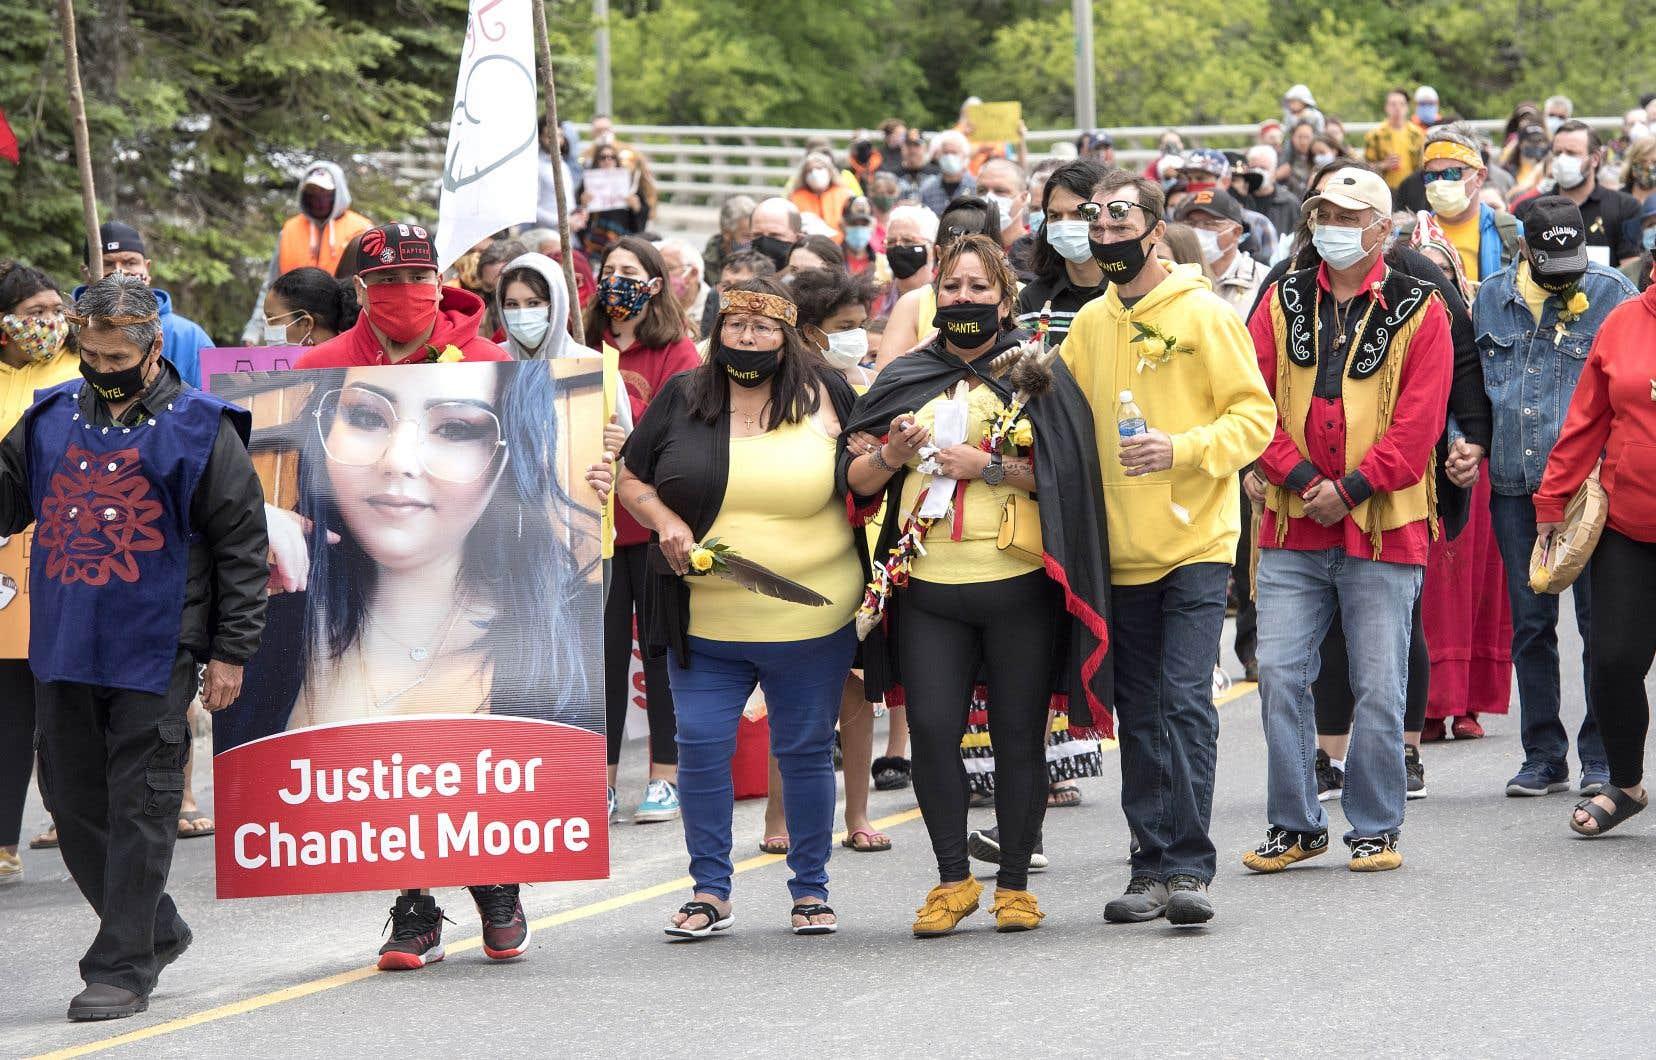 En juin dernier, une jeune Autochtone du Nouveau-Brunswick, Chantel Moore, est morte lors d'une intervention policière. Sur la photo, une manifestation à la suite de son tragique décès.